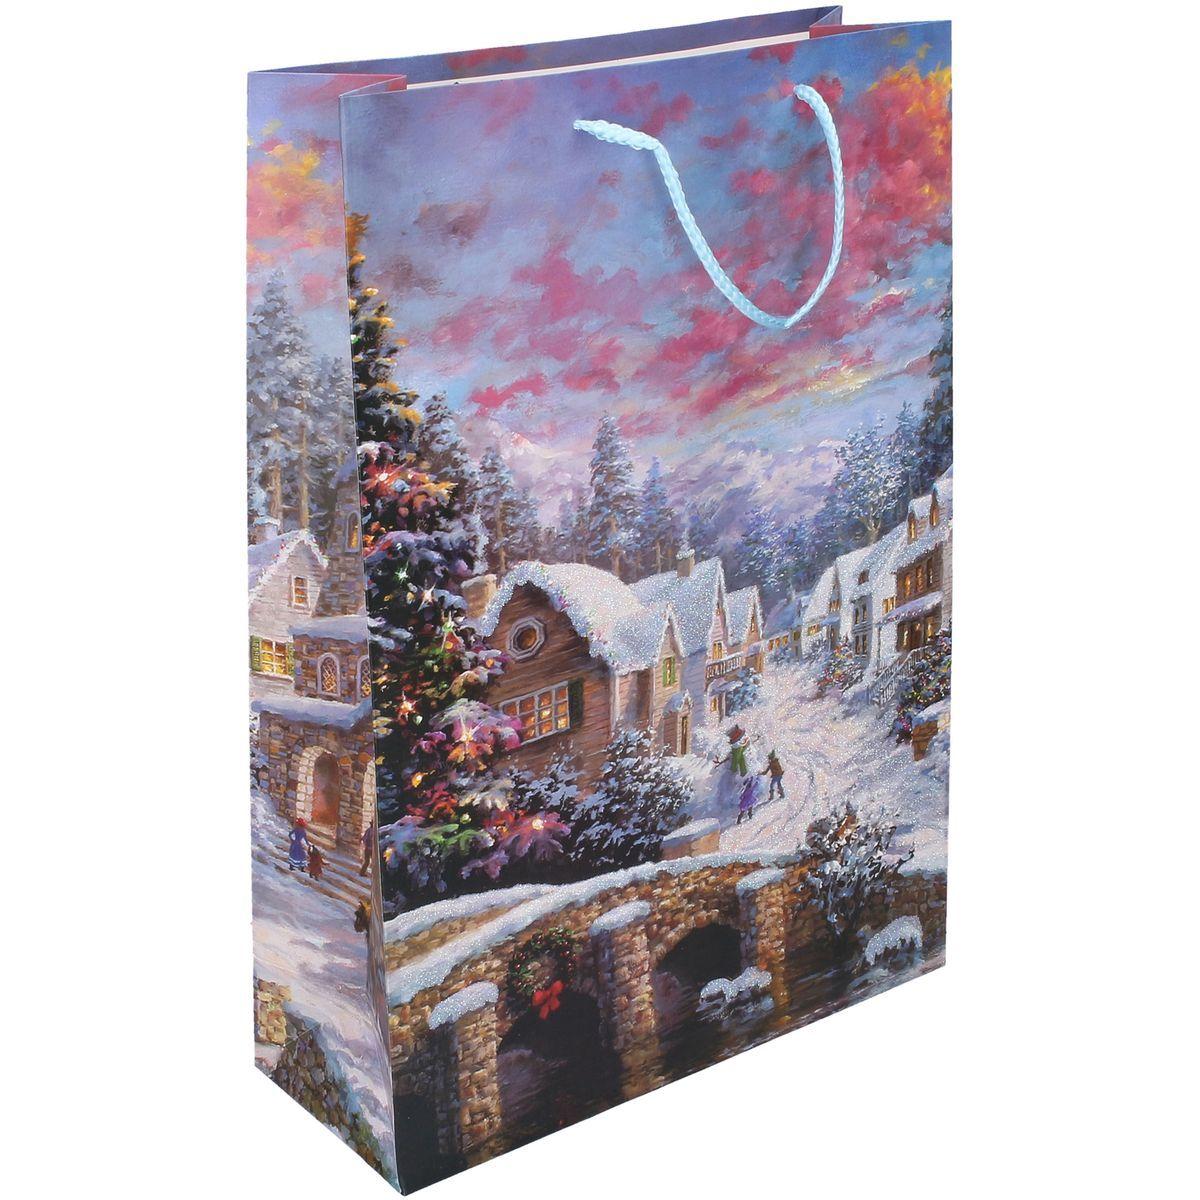 Dárková taška L 30 x 44 x 12 cm Vánoce vesnice